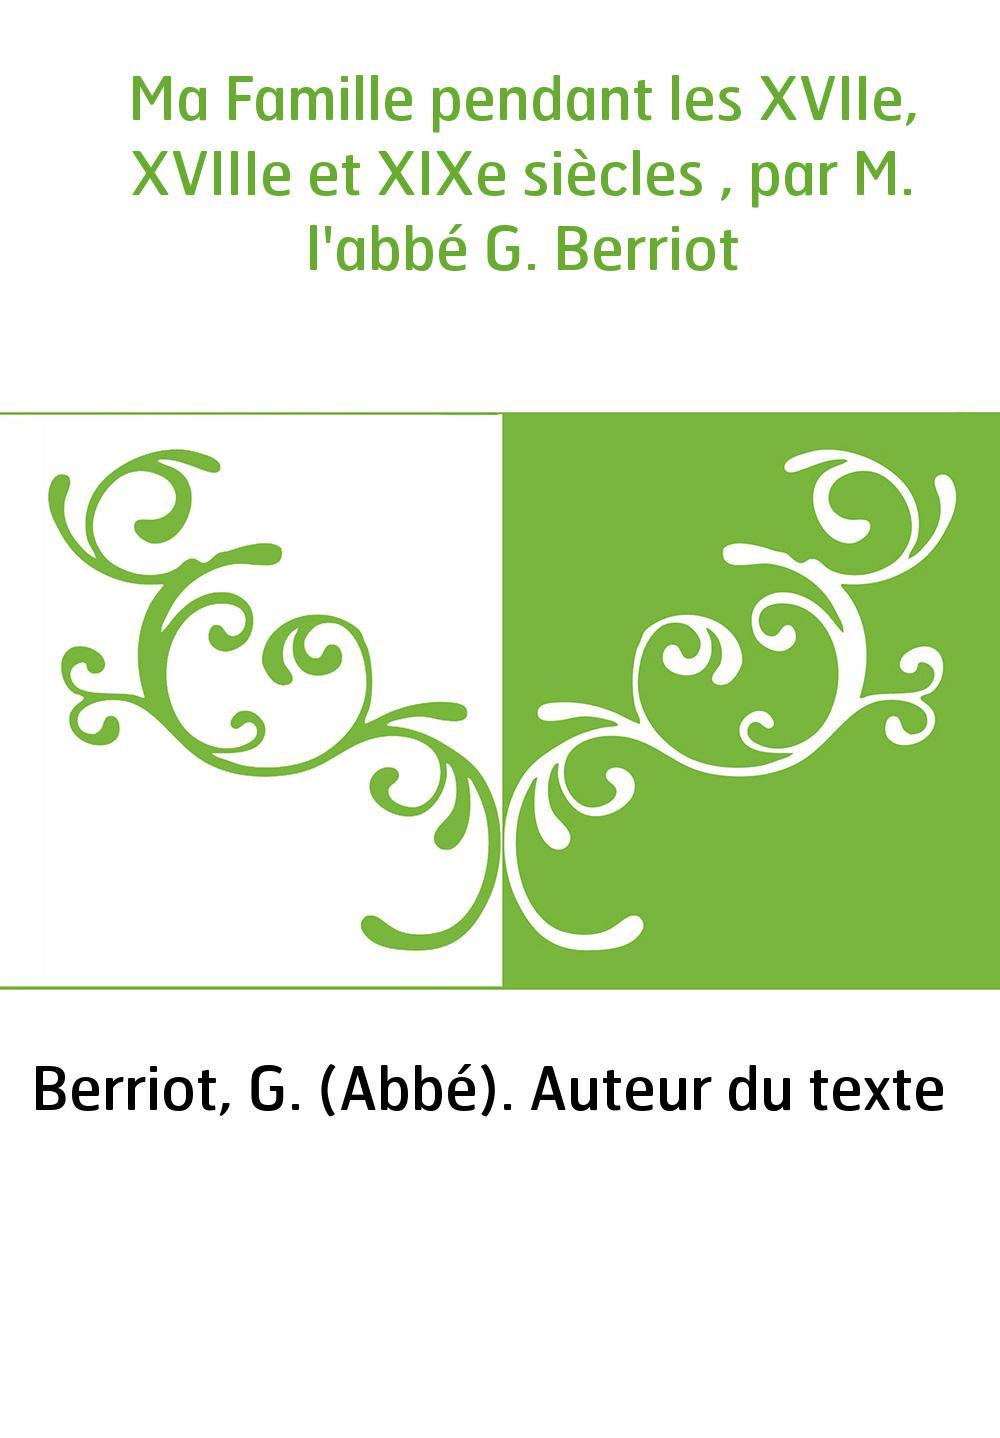 Ma Famille pendant les XVIIe, XVIIIe et XIXe siècles , par M. l'abbé G. Berriot